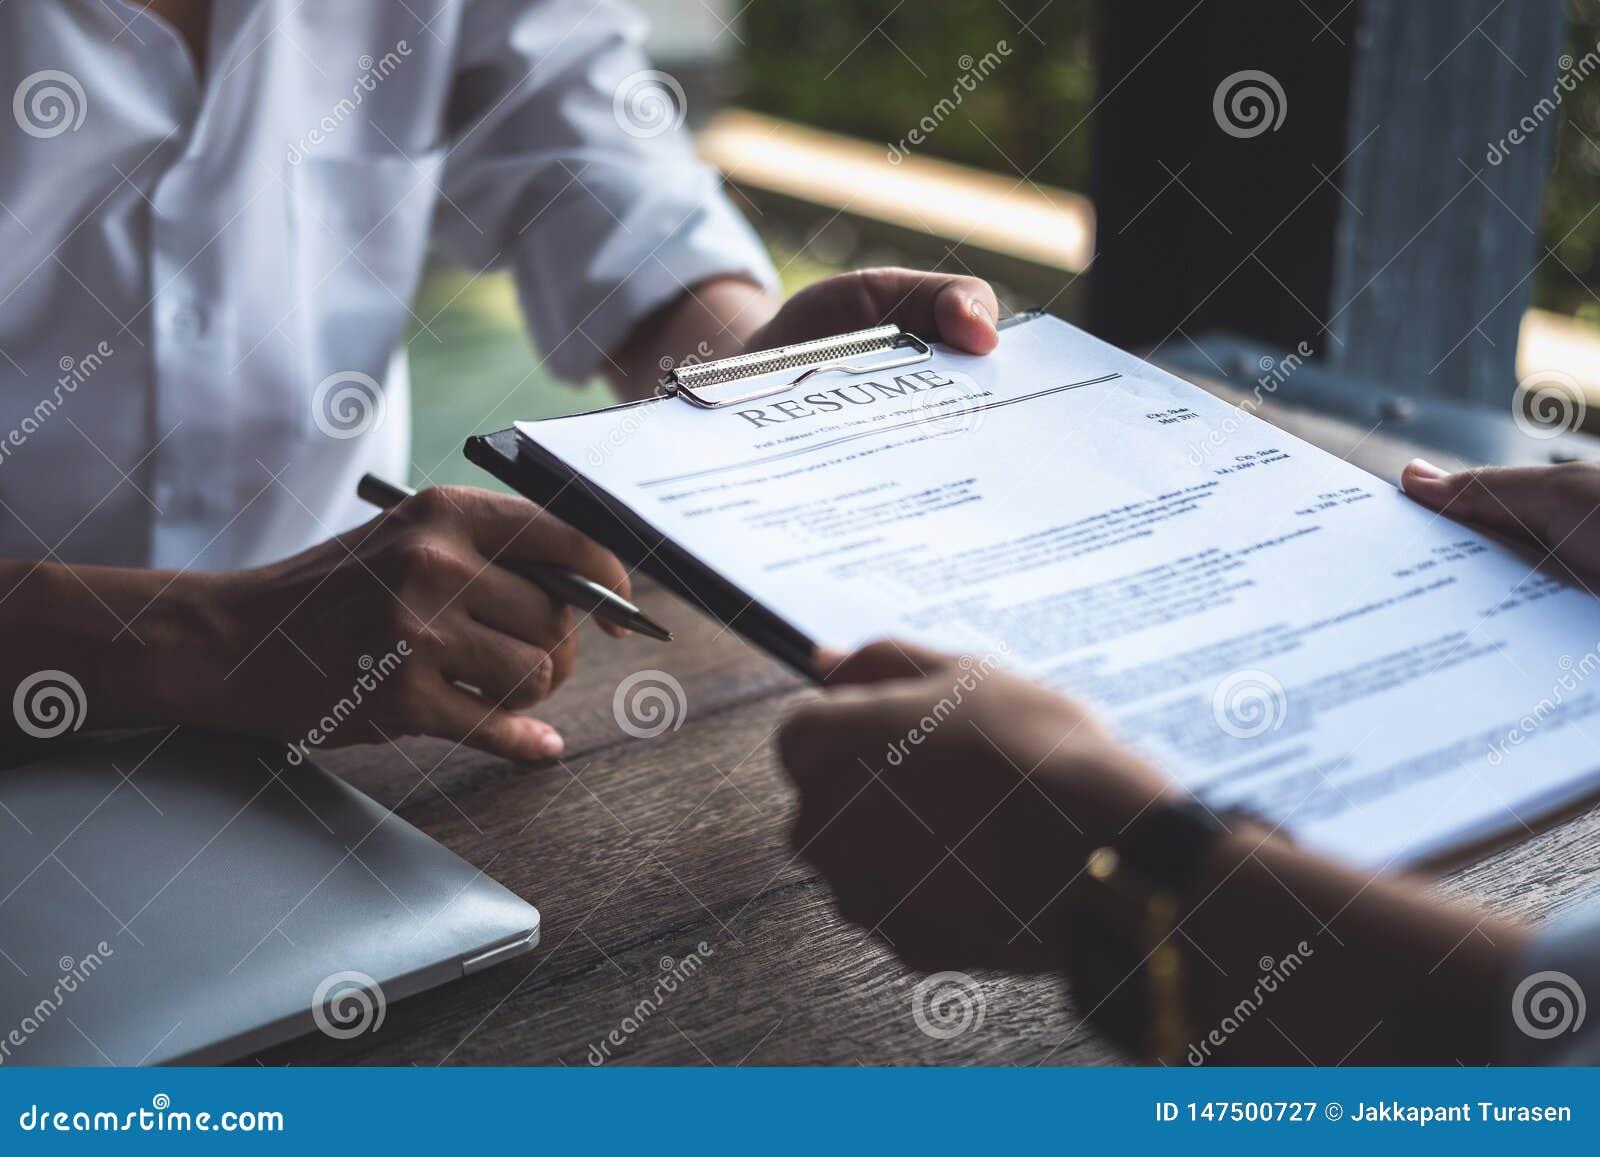 La mujer presenta la solicitud de trabajo, entrevistador que lee un curriculum vitae